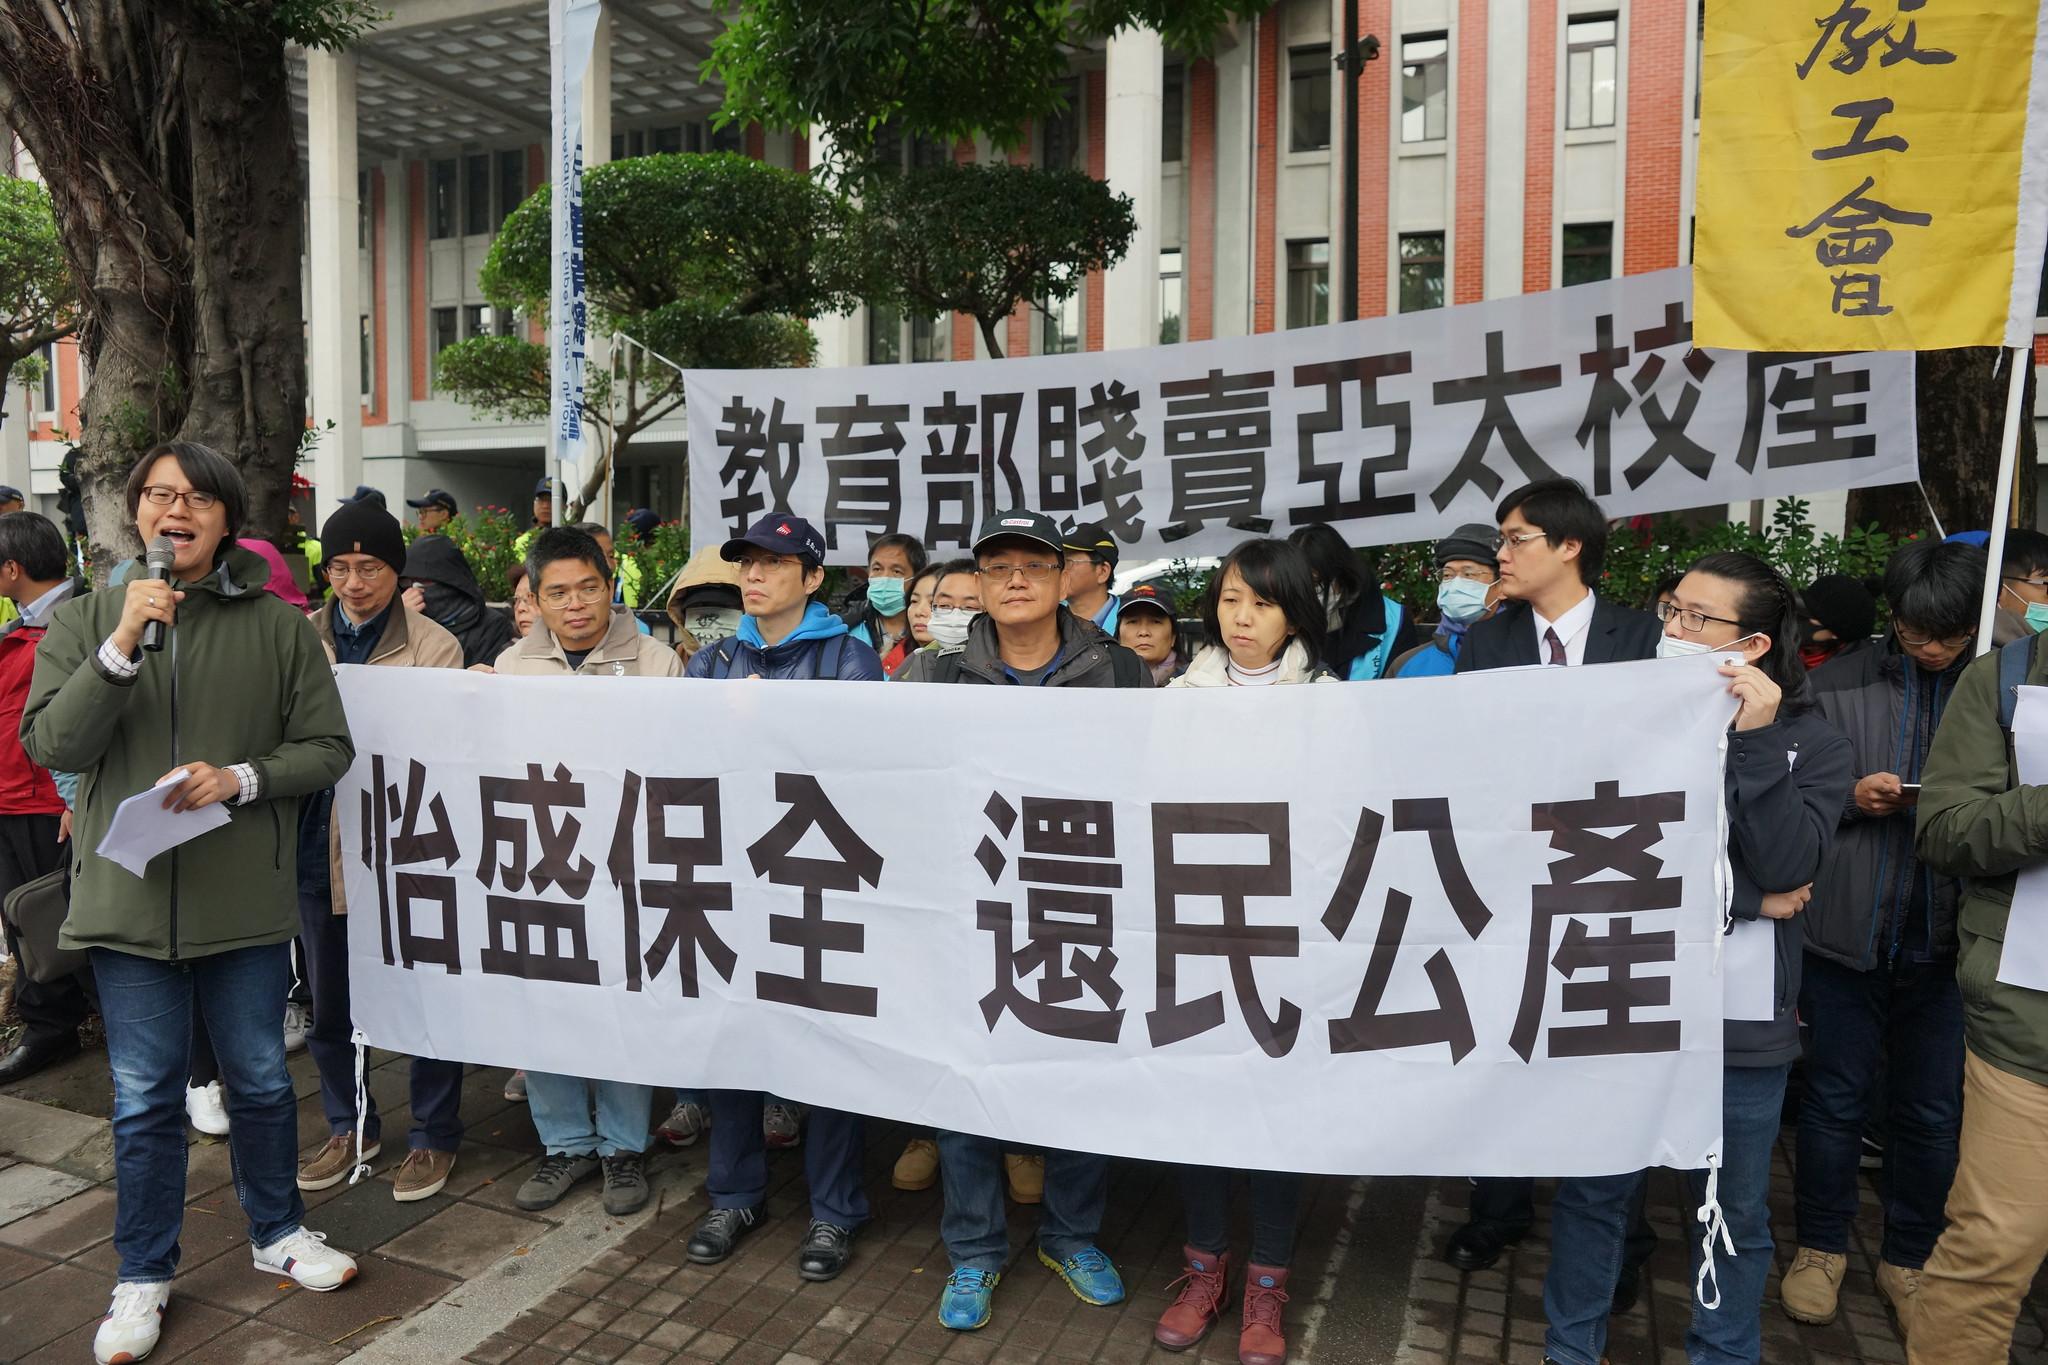 亞太師生與高教工會今天赴教育部要求介入申請解散亞太董事會。(攝影:王顥中)